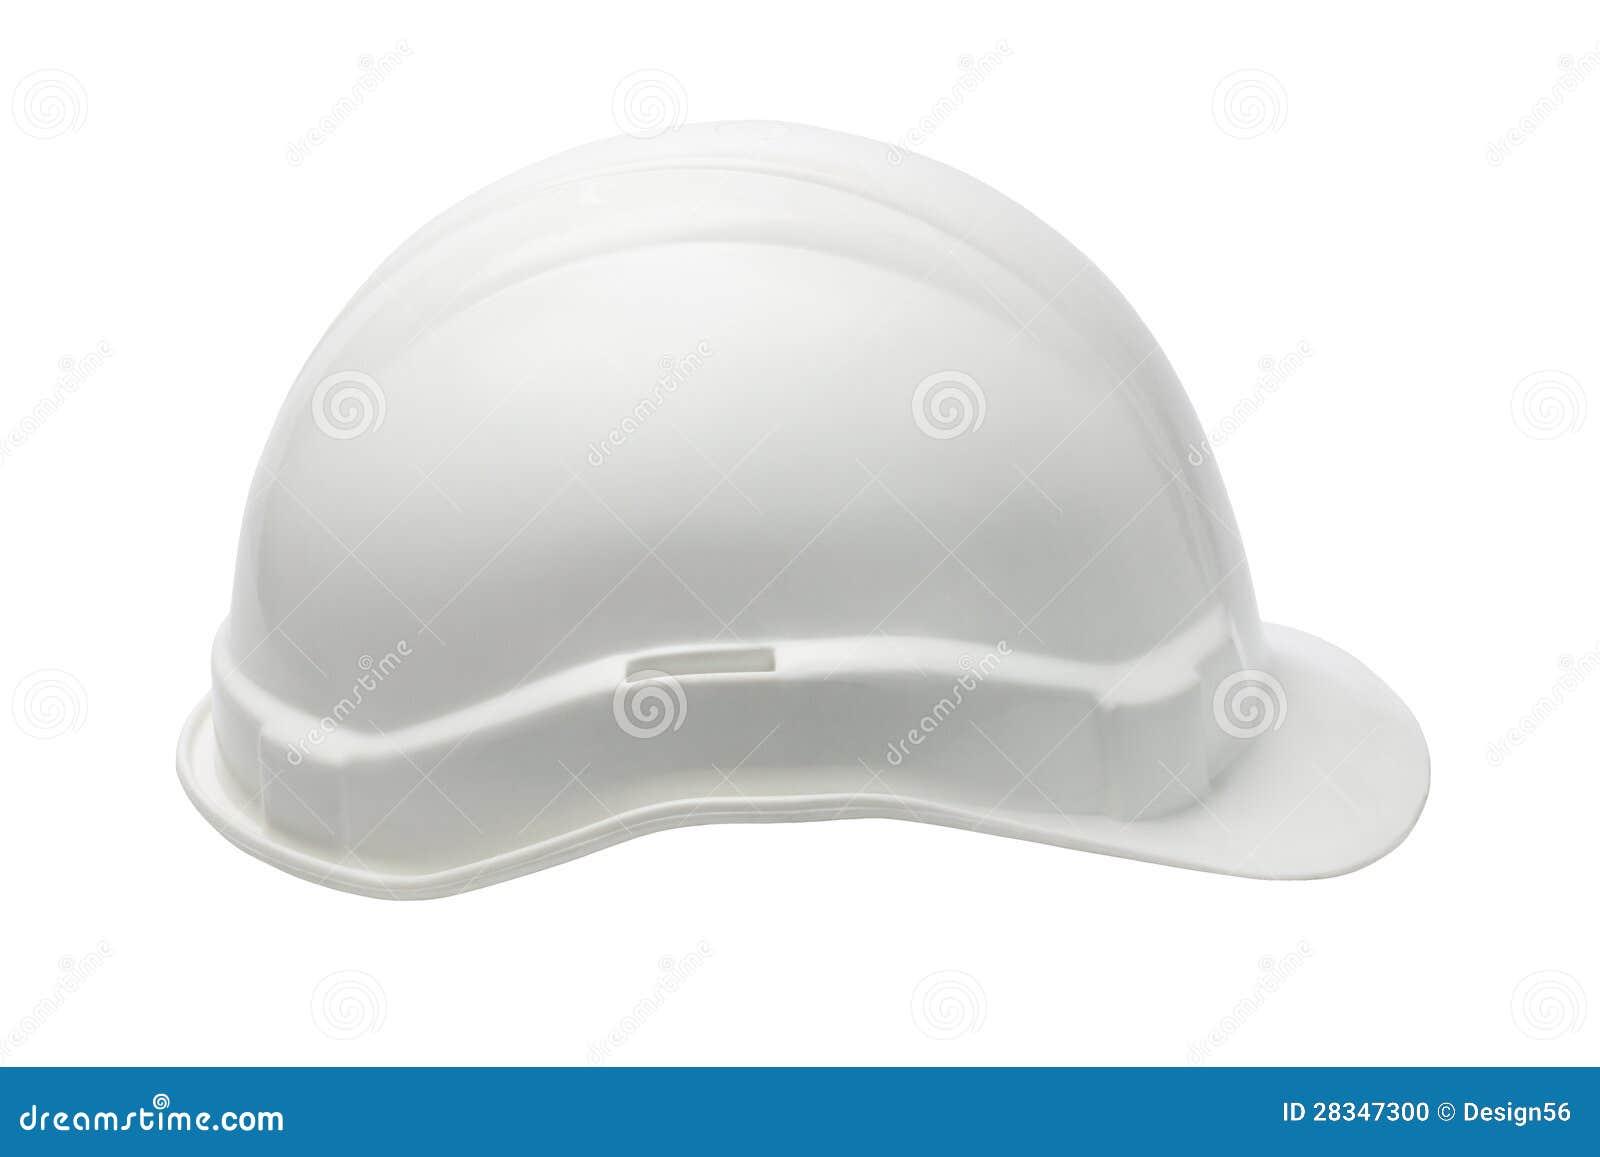 Άσπρο πλαστικό κράνος ασφάλειας